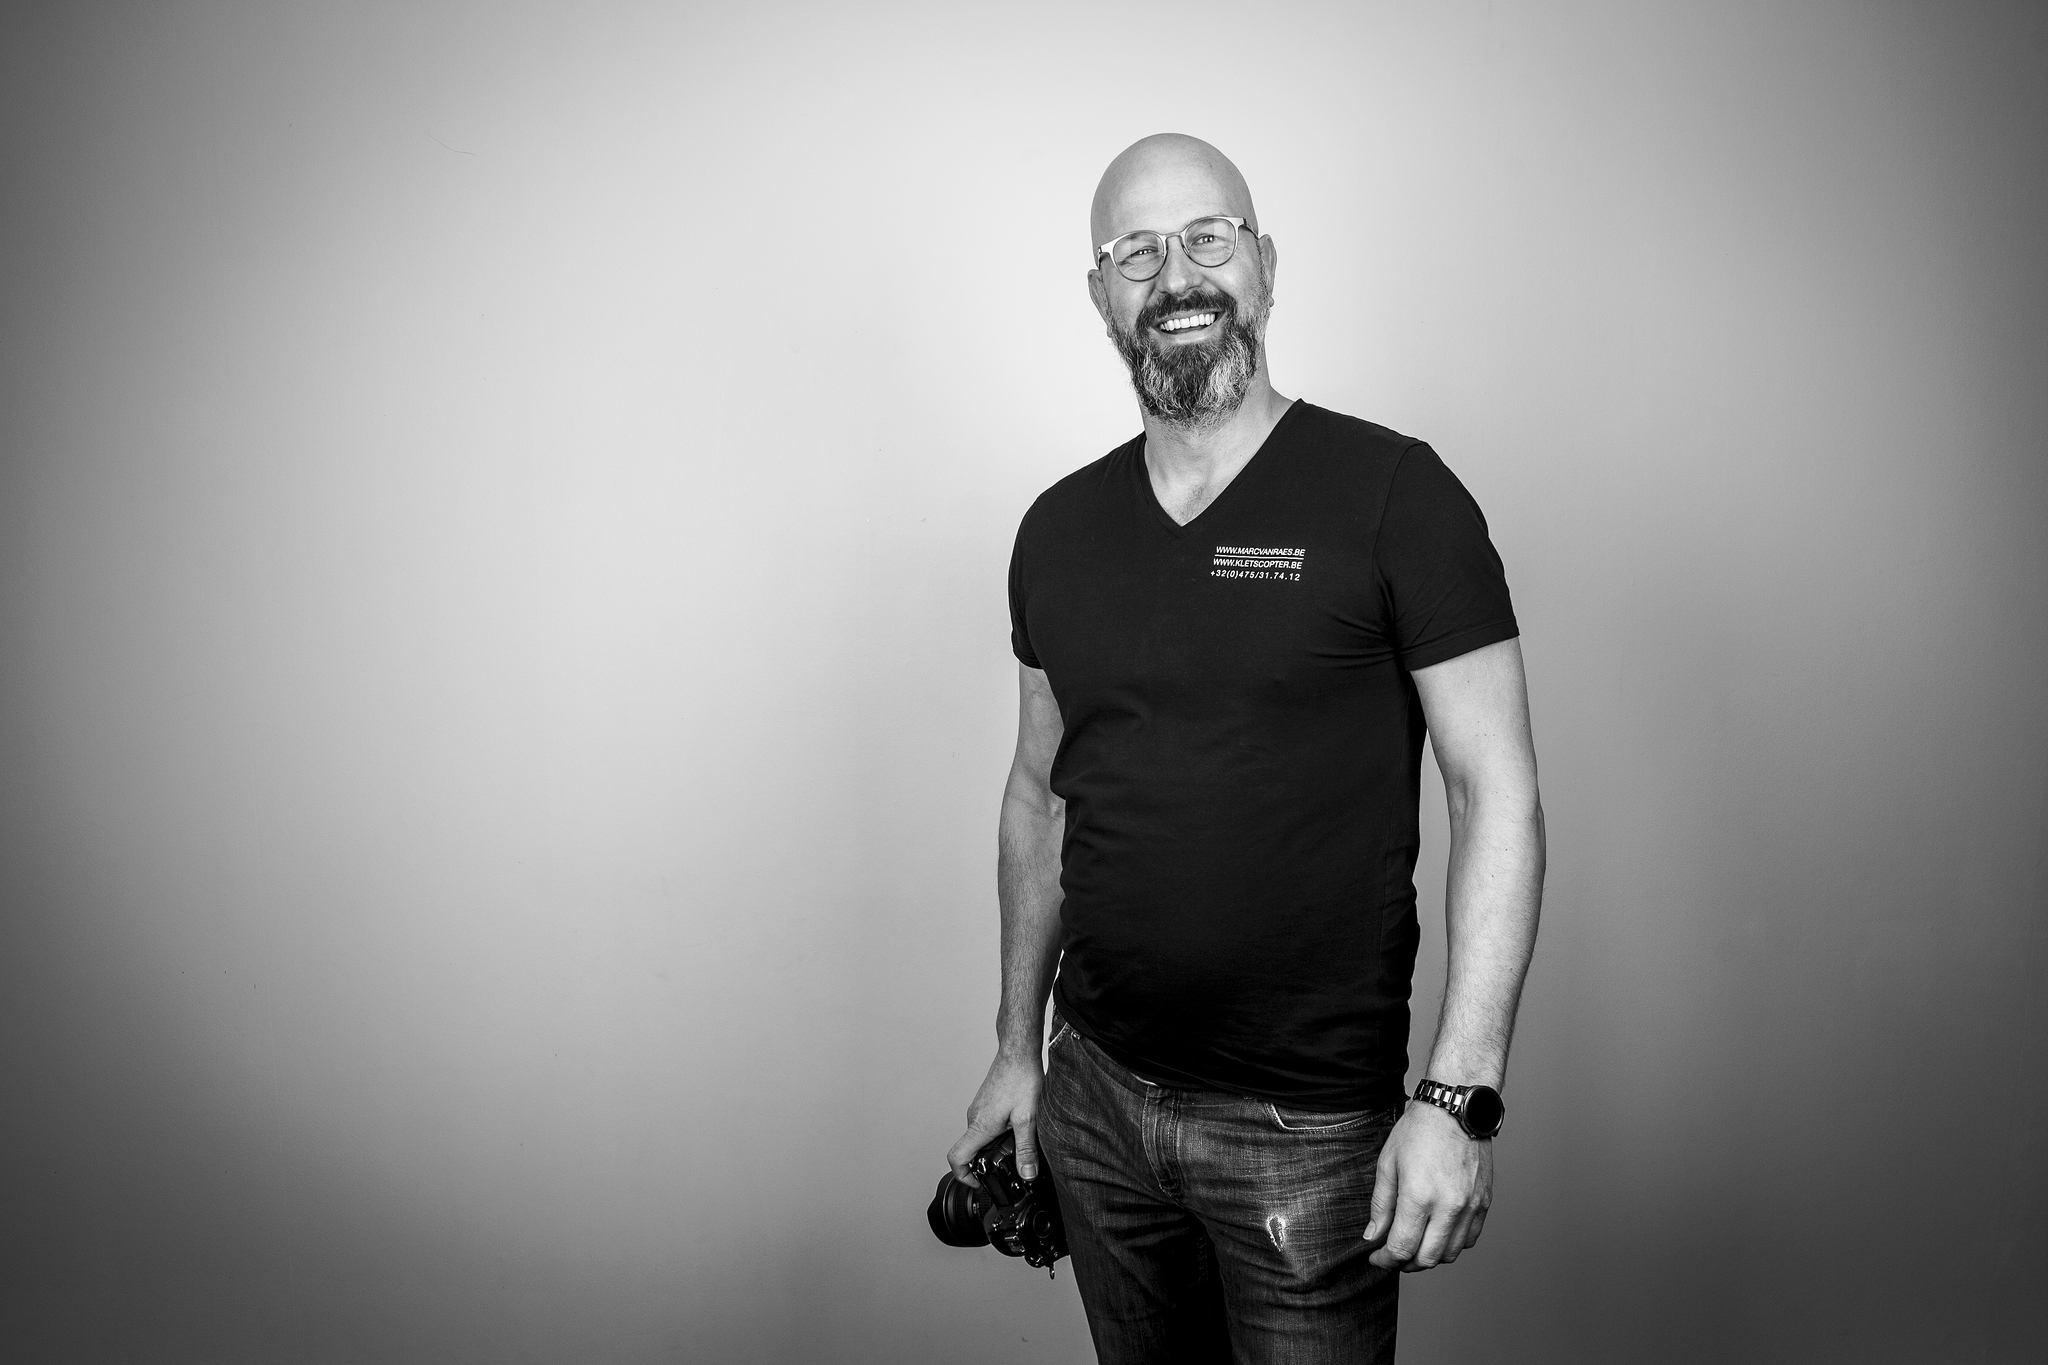 © De bedrijfsfoto's door Marc Vanraes